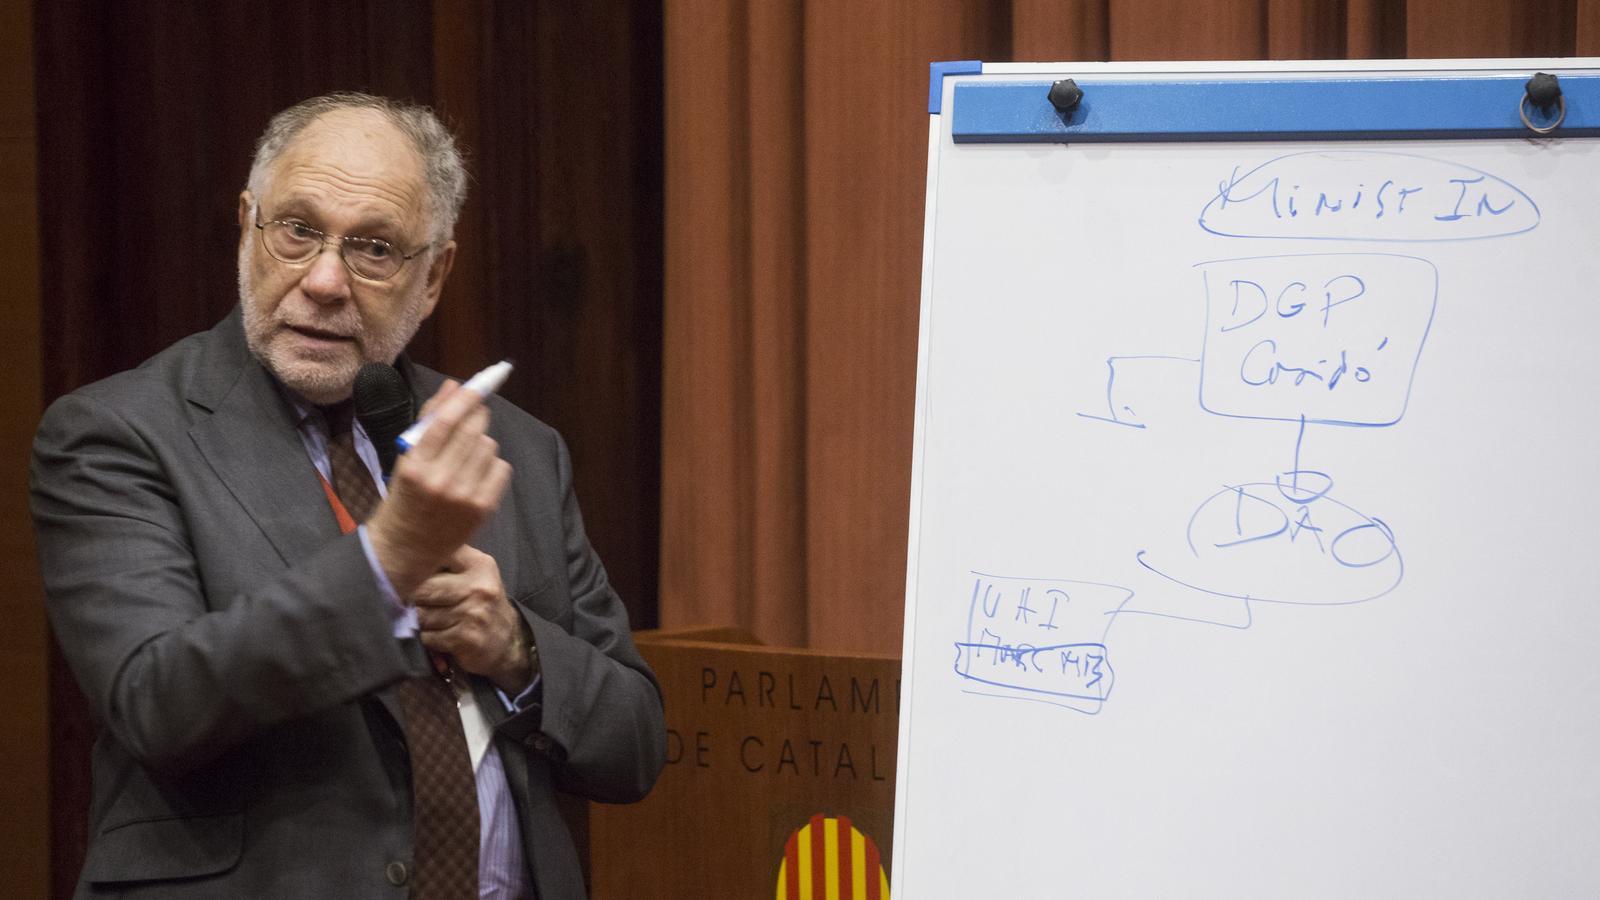 El periodista Ernesto Ekaizer, durant la seva compareixença a la comissió d'investigació / MANOLO GARCÍA